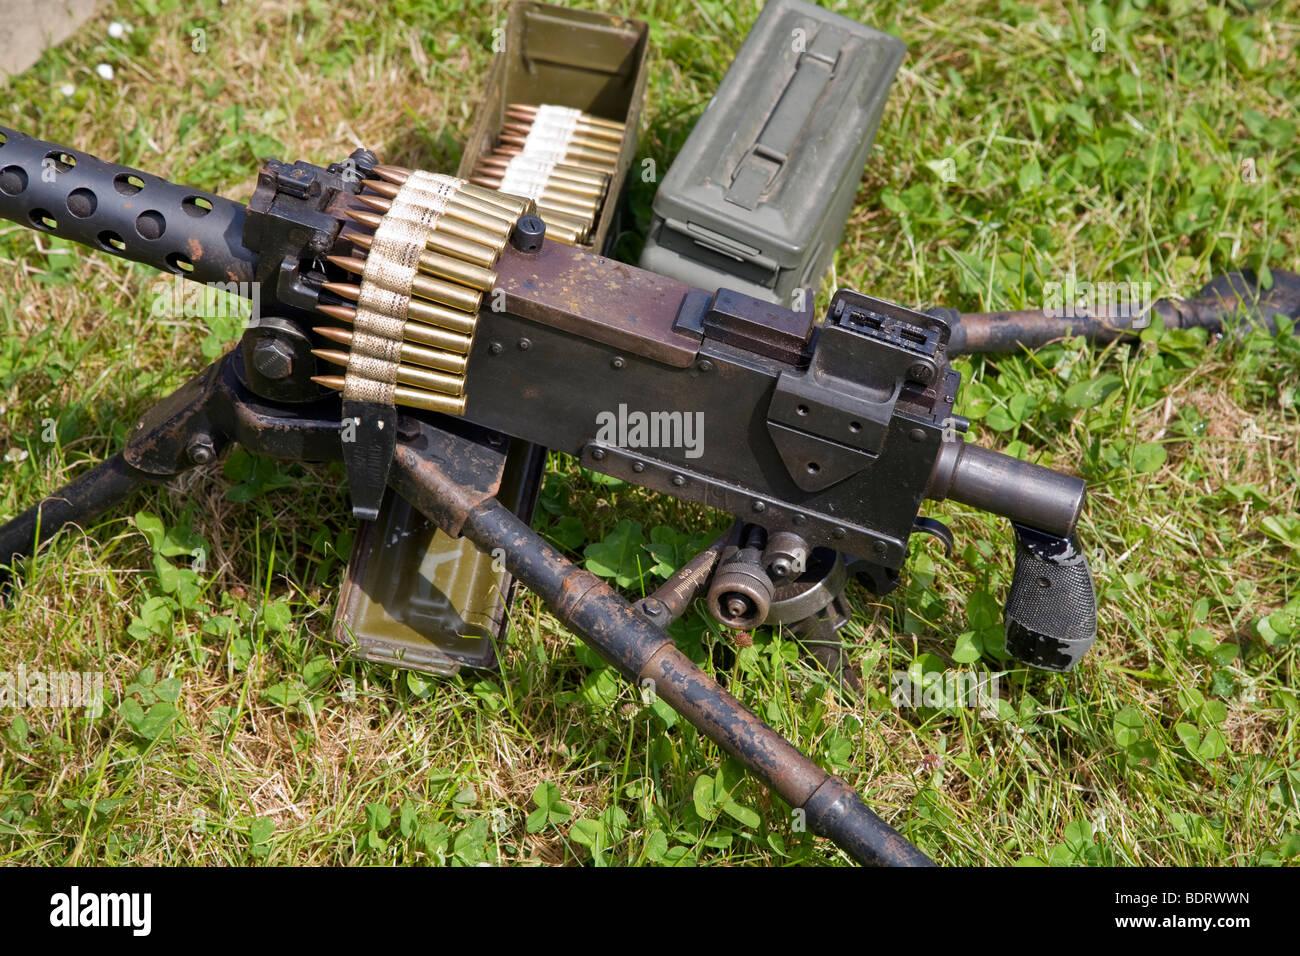 Browning 30 cal heavy machine gun - Stock Image